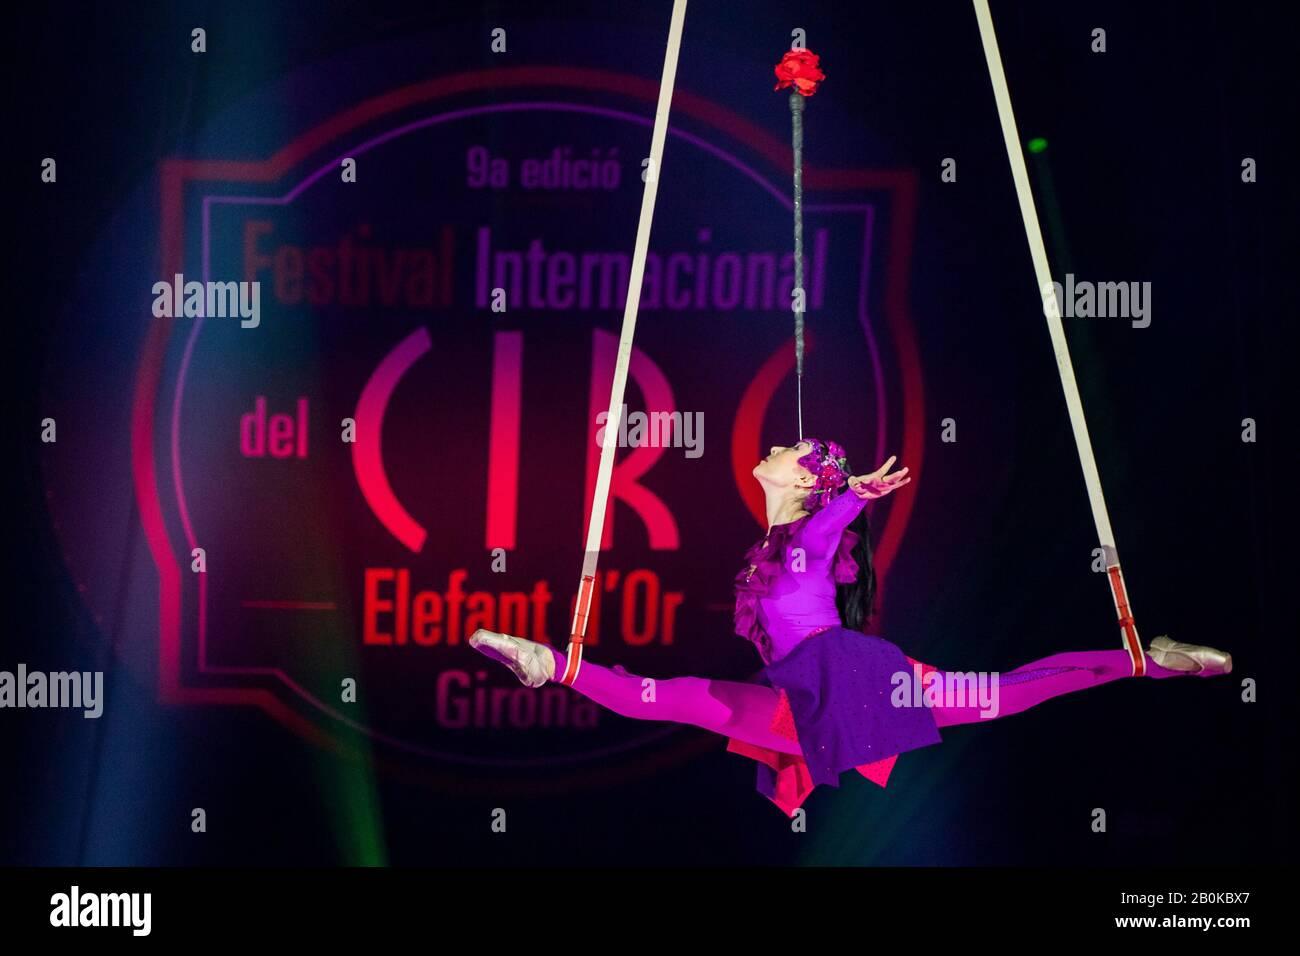 Girona, SPAGNA - 17 FEBBRAIO: Khorlan dal Kazakhstan suona la scala aerea durante il Festival Internazionale del Circo Elefant d'Or al Parc de la Devesa o Foto Stock